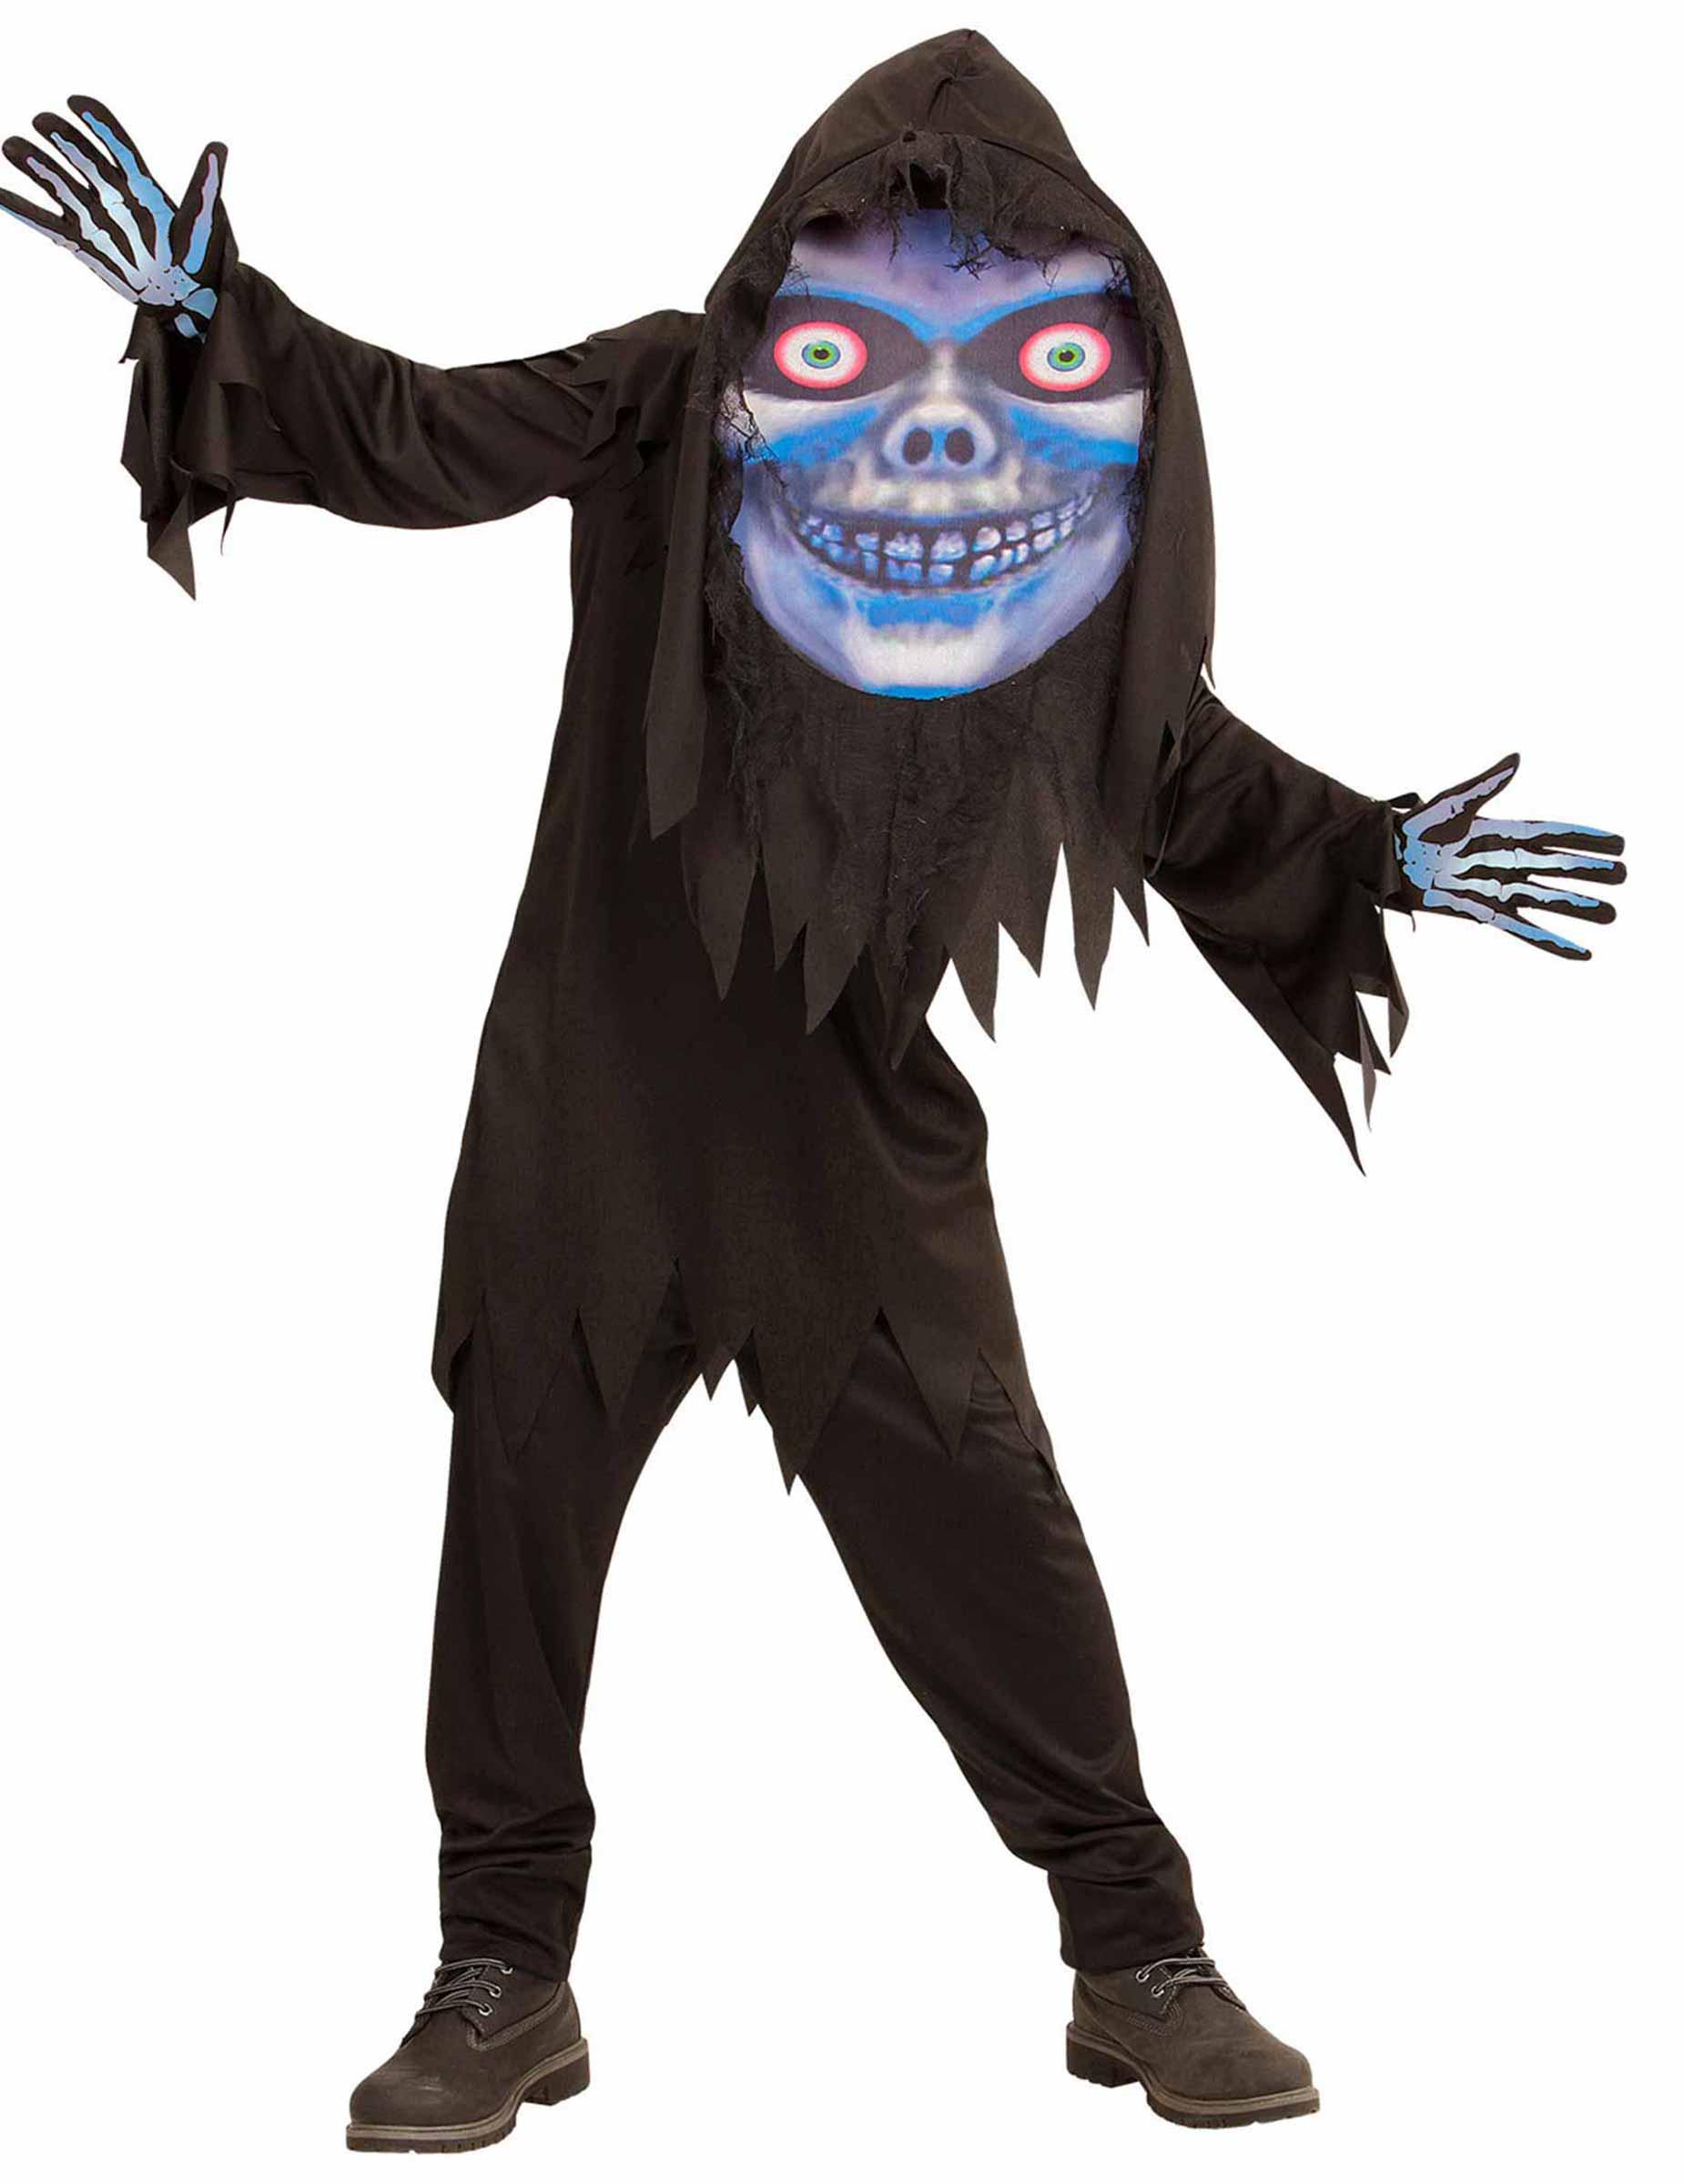 Liemannen med stort huvud - Halloweenkostym för tonåringar d8b1040abe8e5